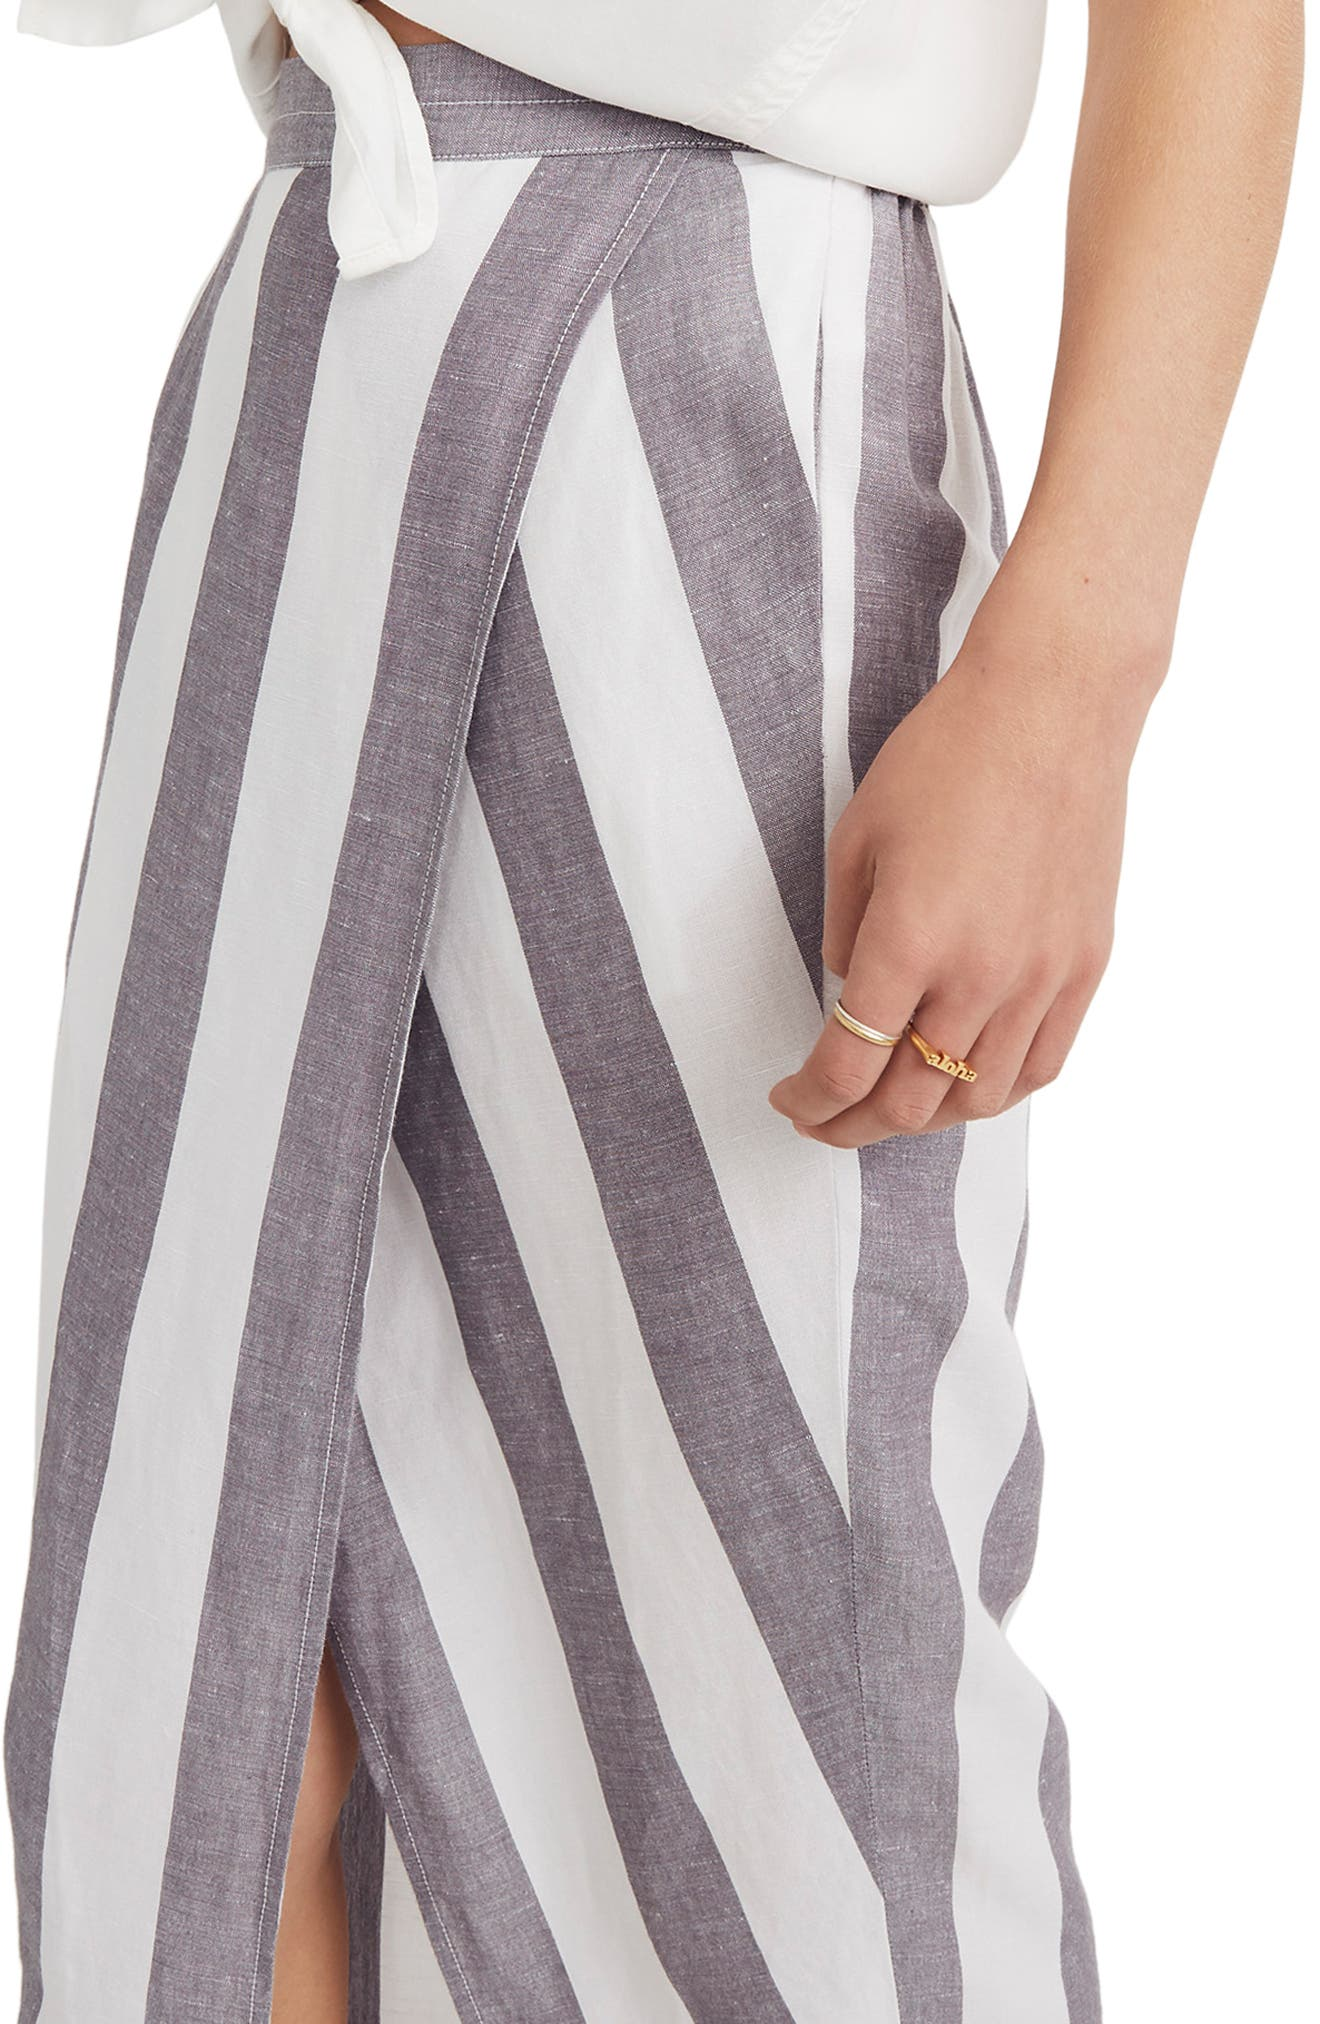 Stripe Overlay Skirt,                             Alternate thumbnail 3, color,                             020